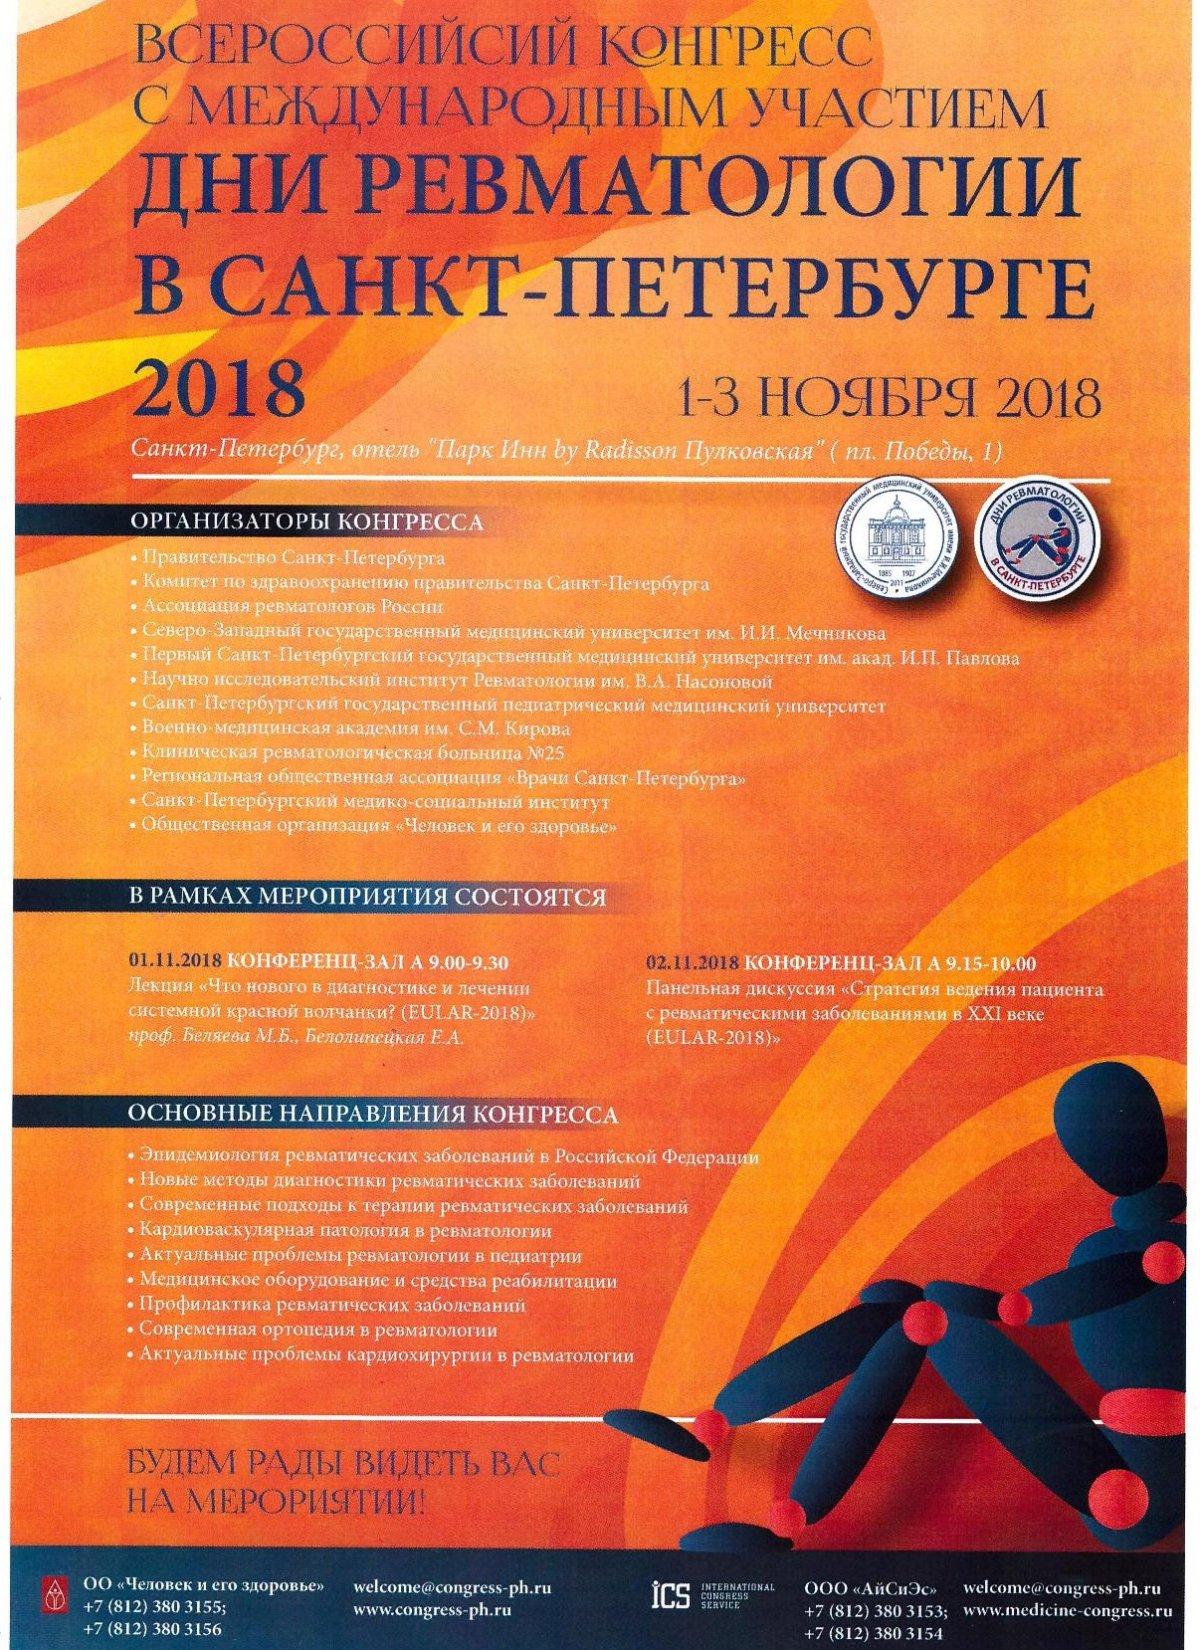 дни ревматологии в санкт петербурге 2018 программа